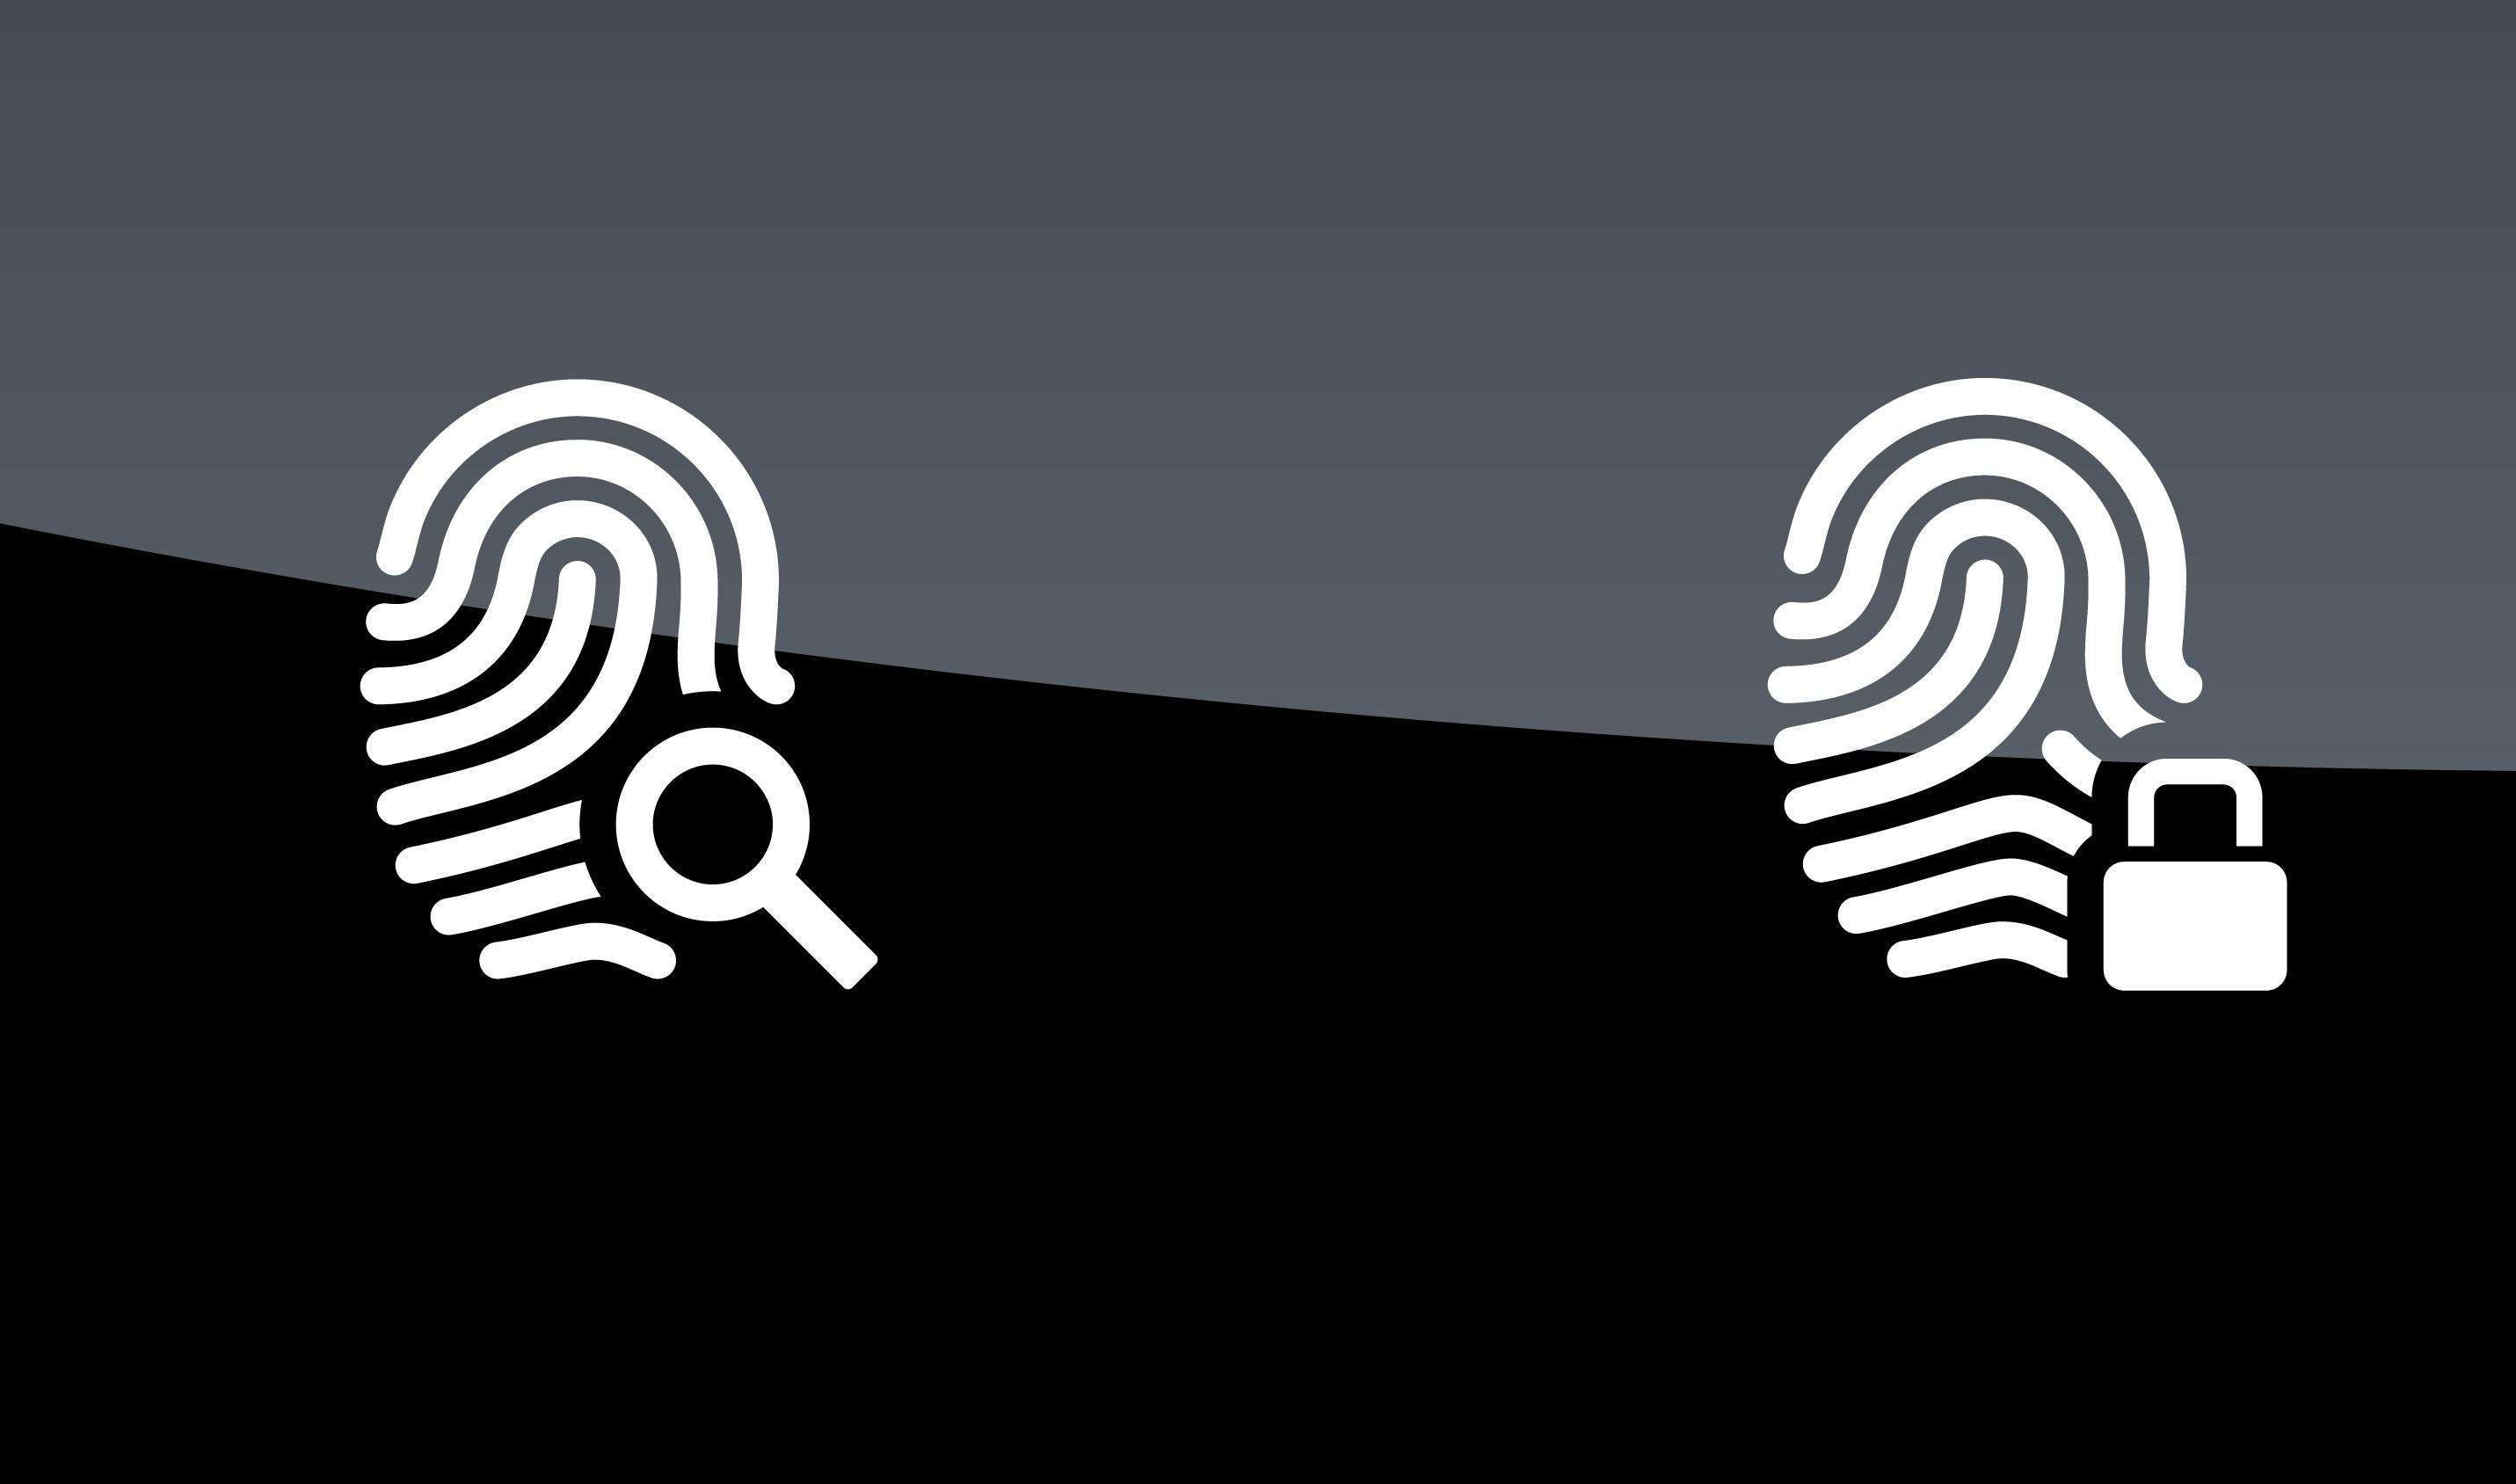 Finger scanner icons on black background. Vector illustration.